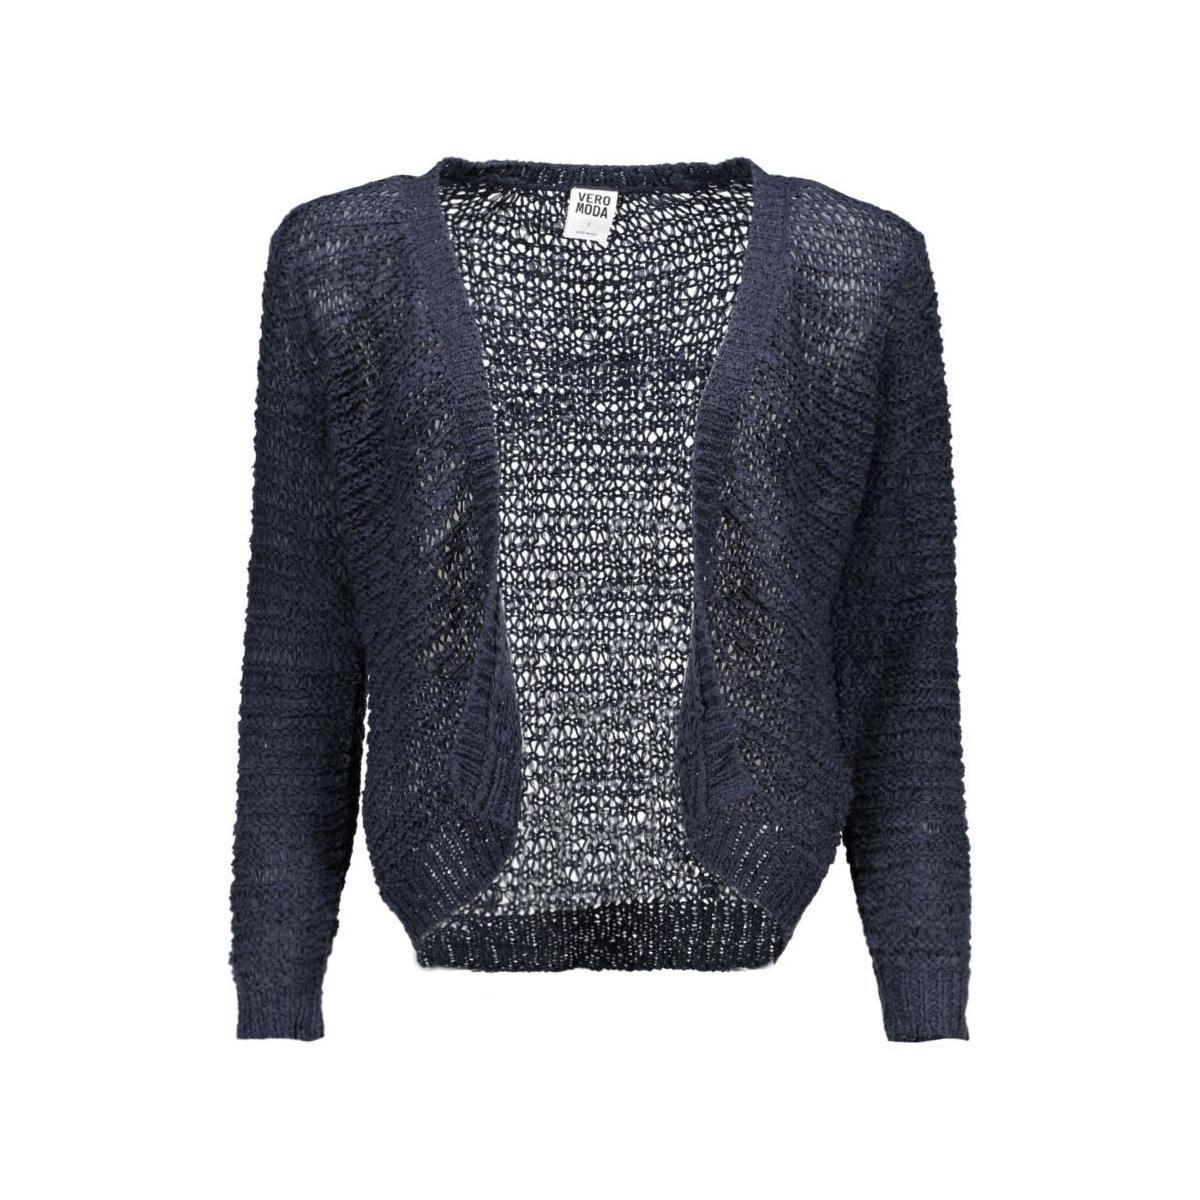 vmverla 3/4 short cardigan 10127605 vero moda bolero black iris